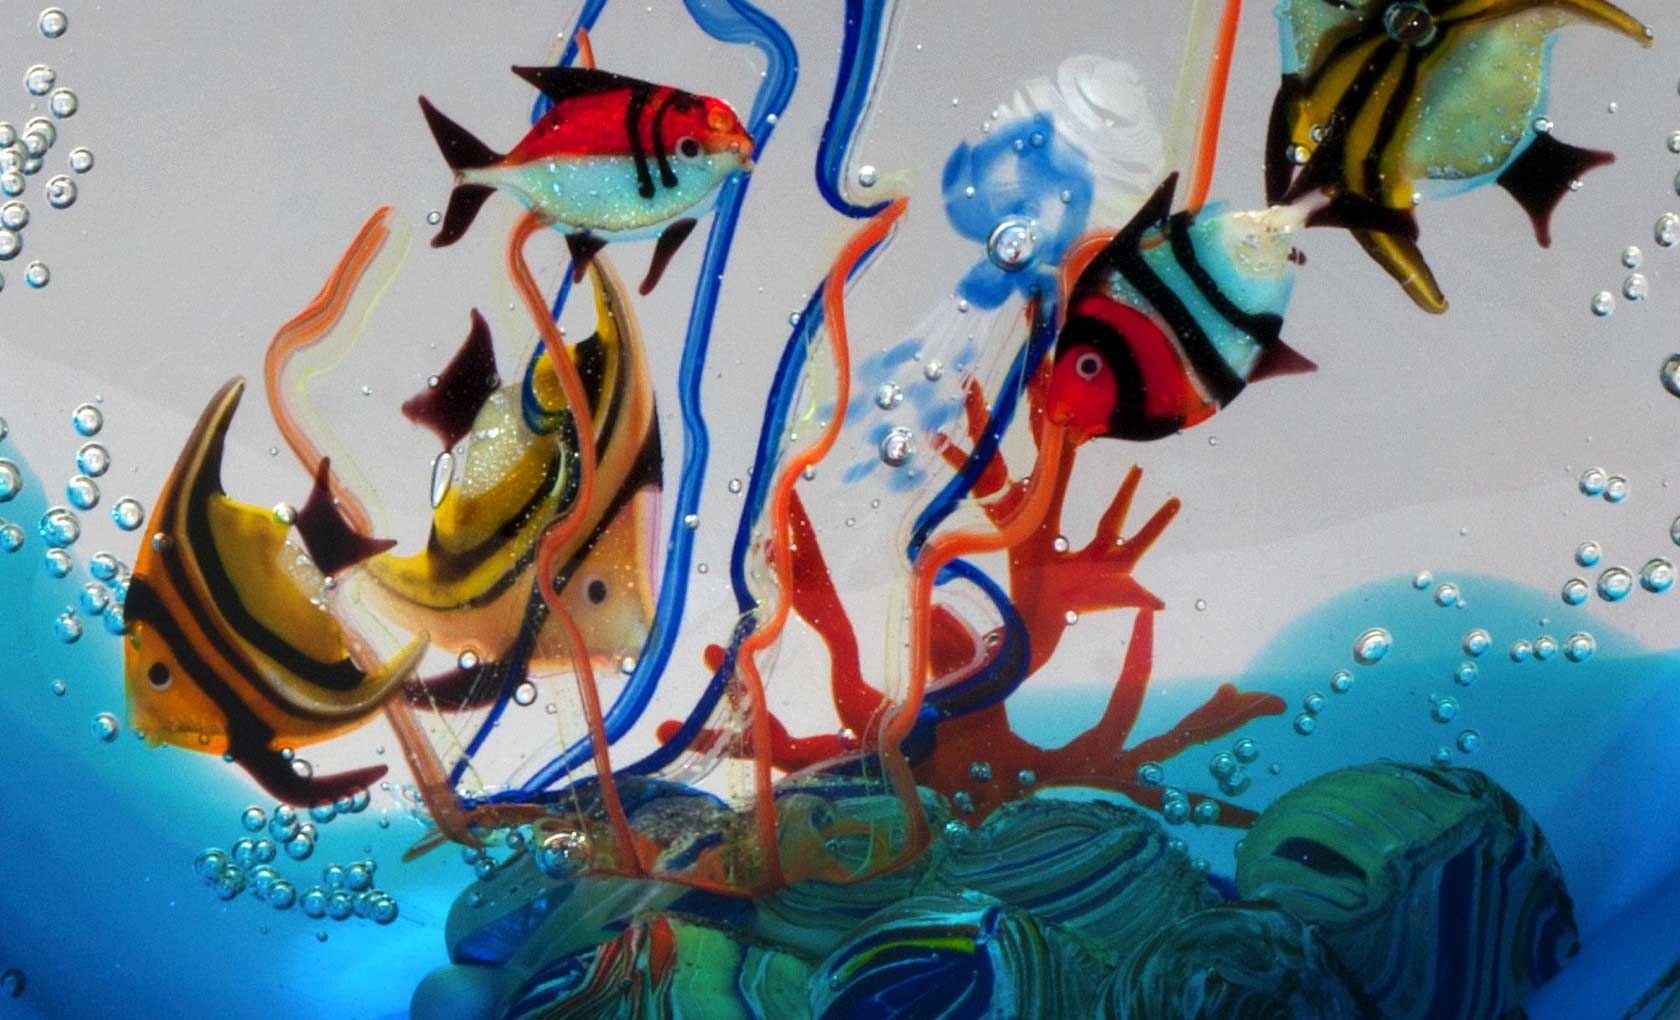 Lavorazioni vetro murano lavorazioni artistiche veneziane for Acquari moderni